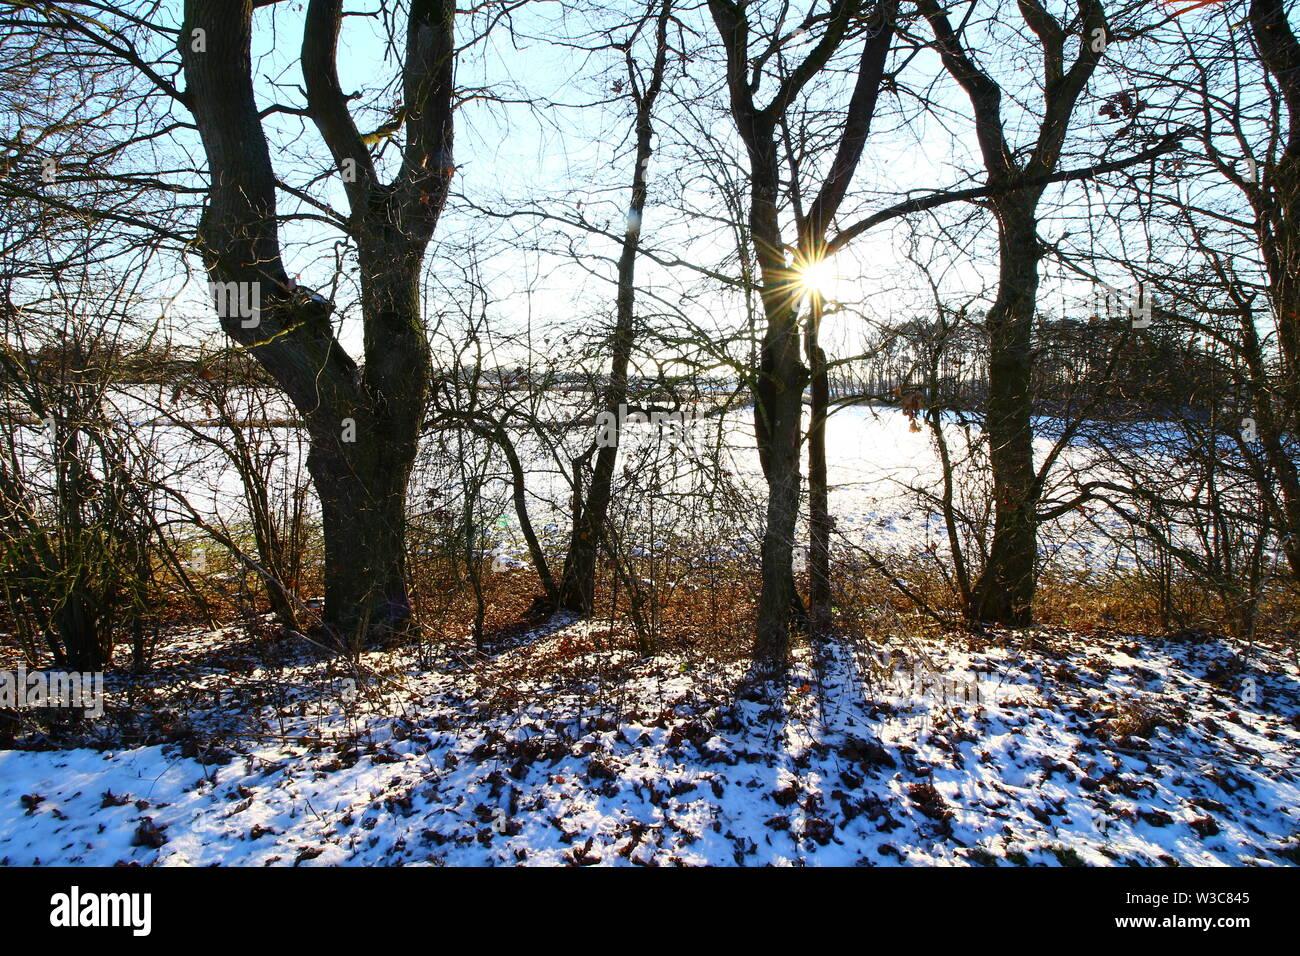 Wintertag in Bad Gögging, einem Stadtteil von Neustadt an der Donau in Bayern in Süddeutschland - Stock Image